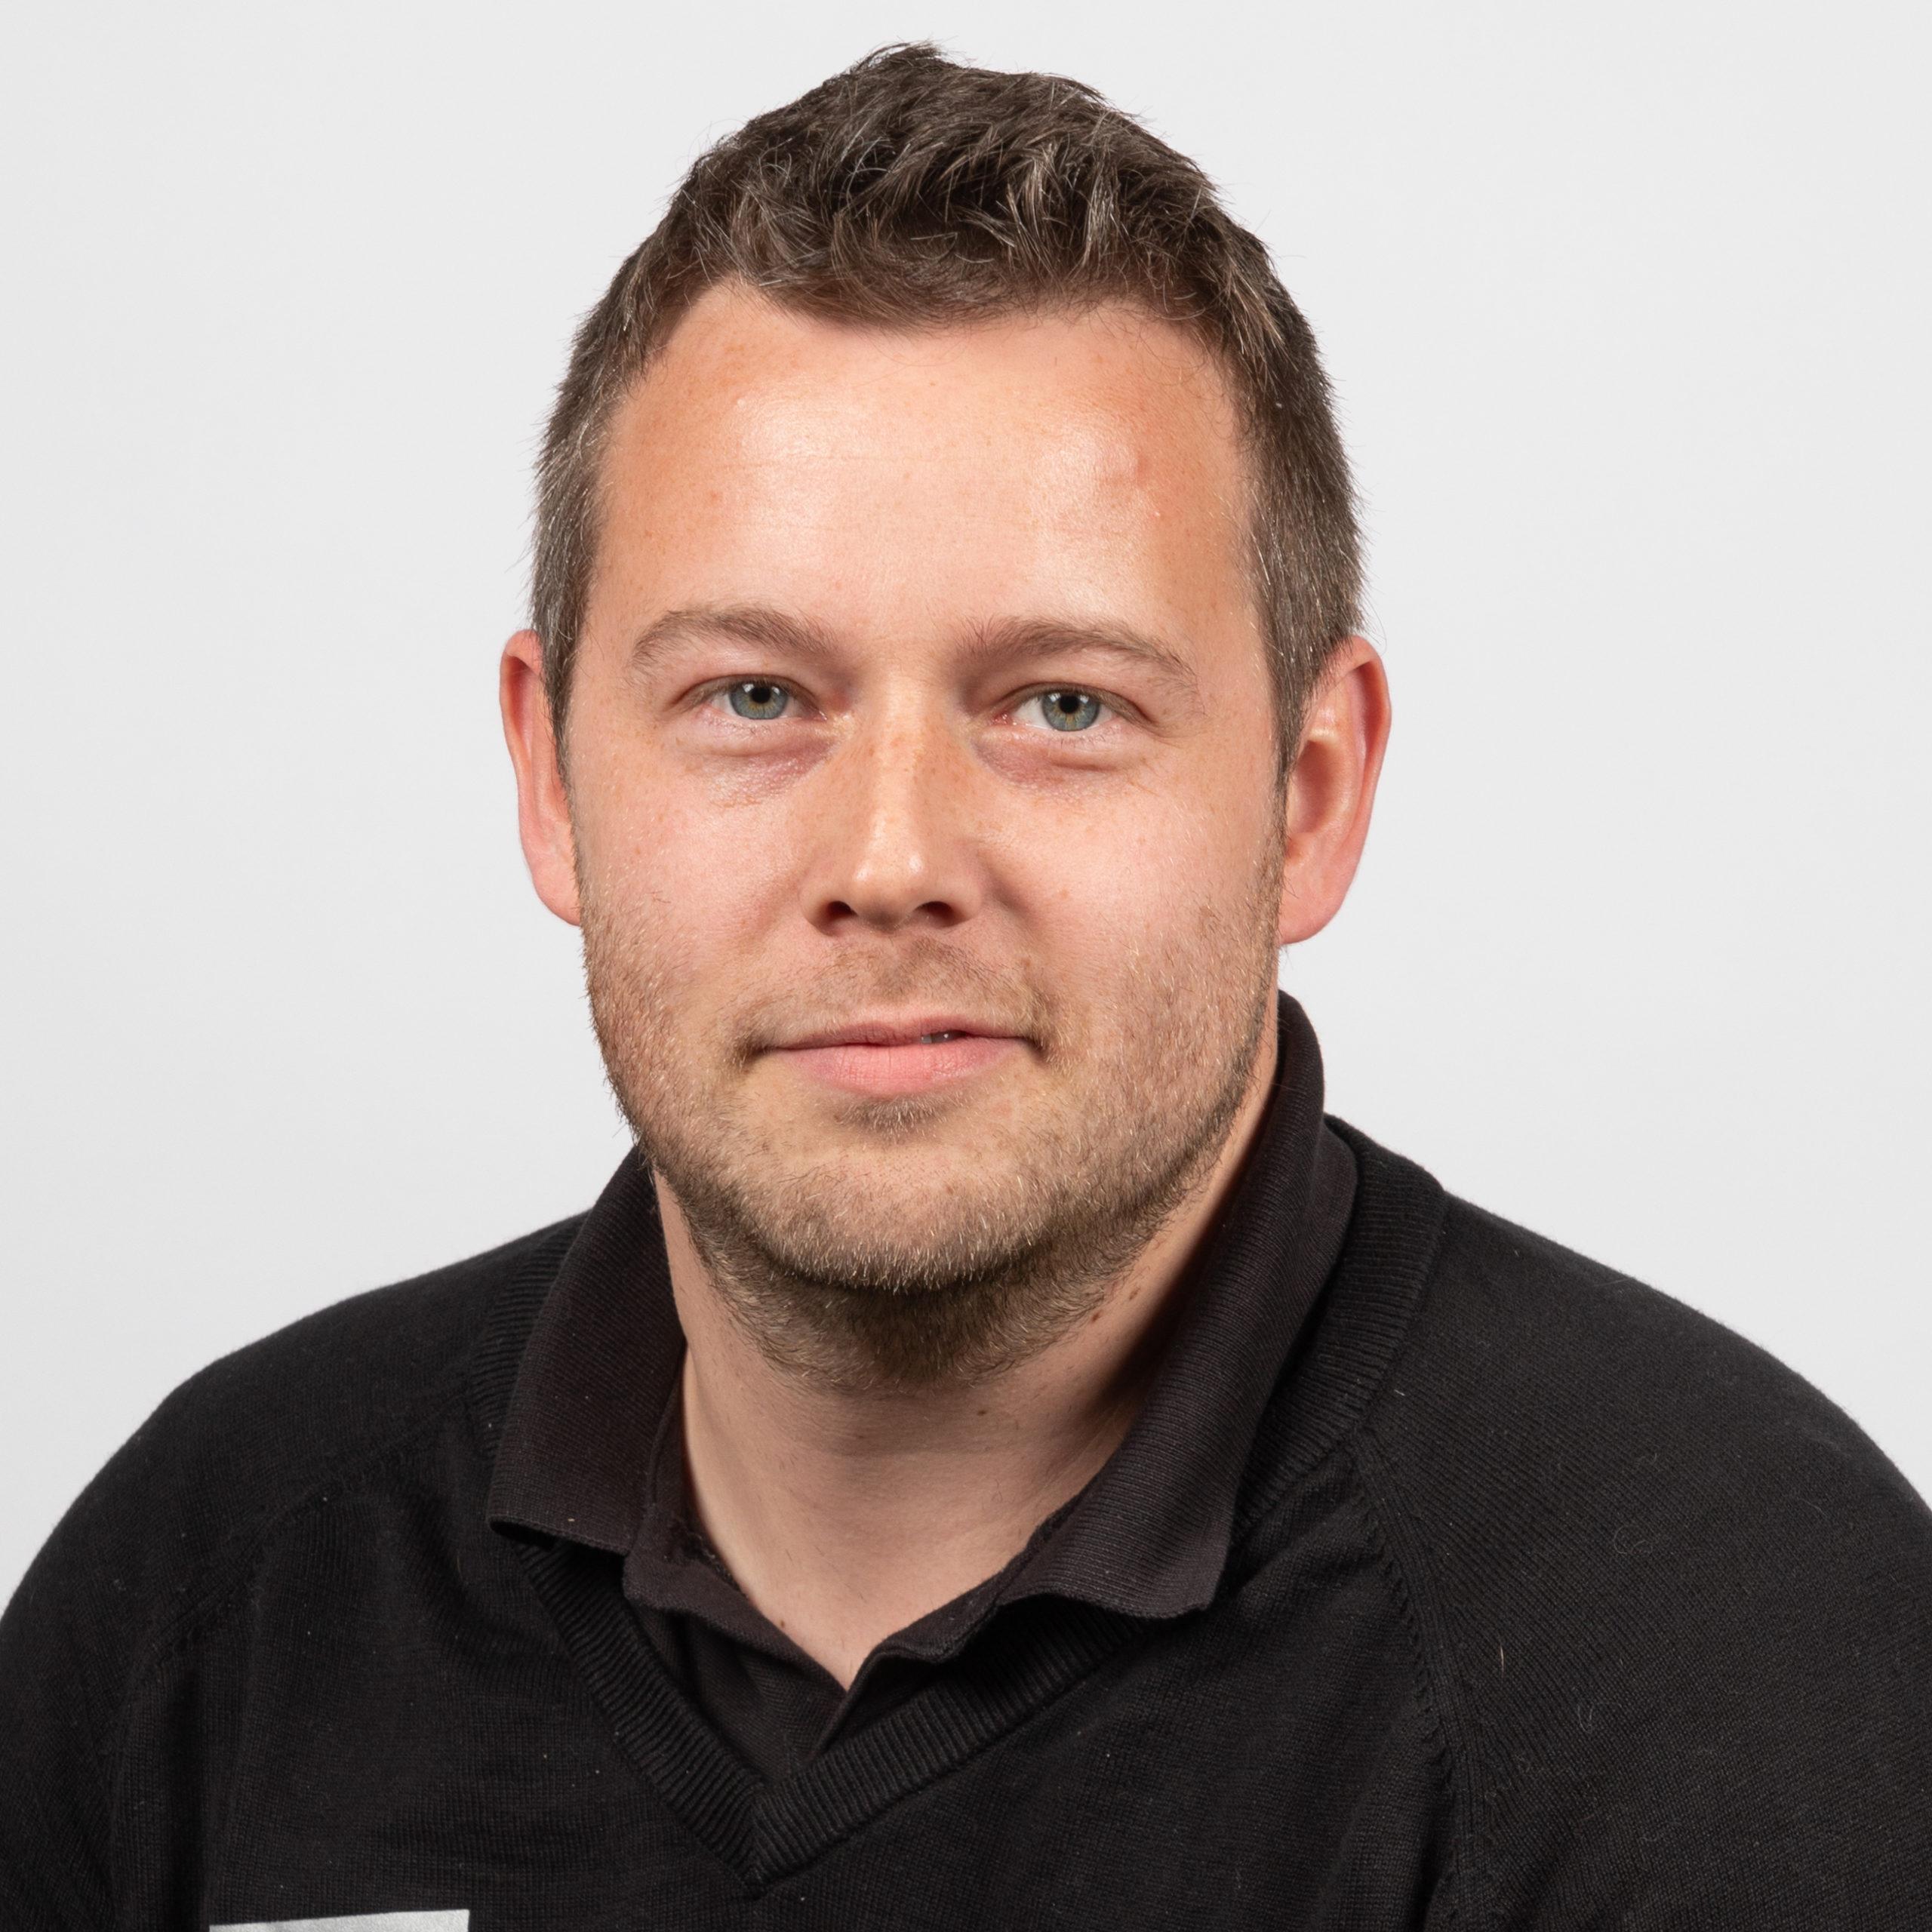 Jørgen Berntsen